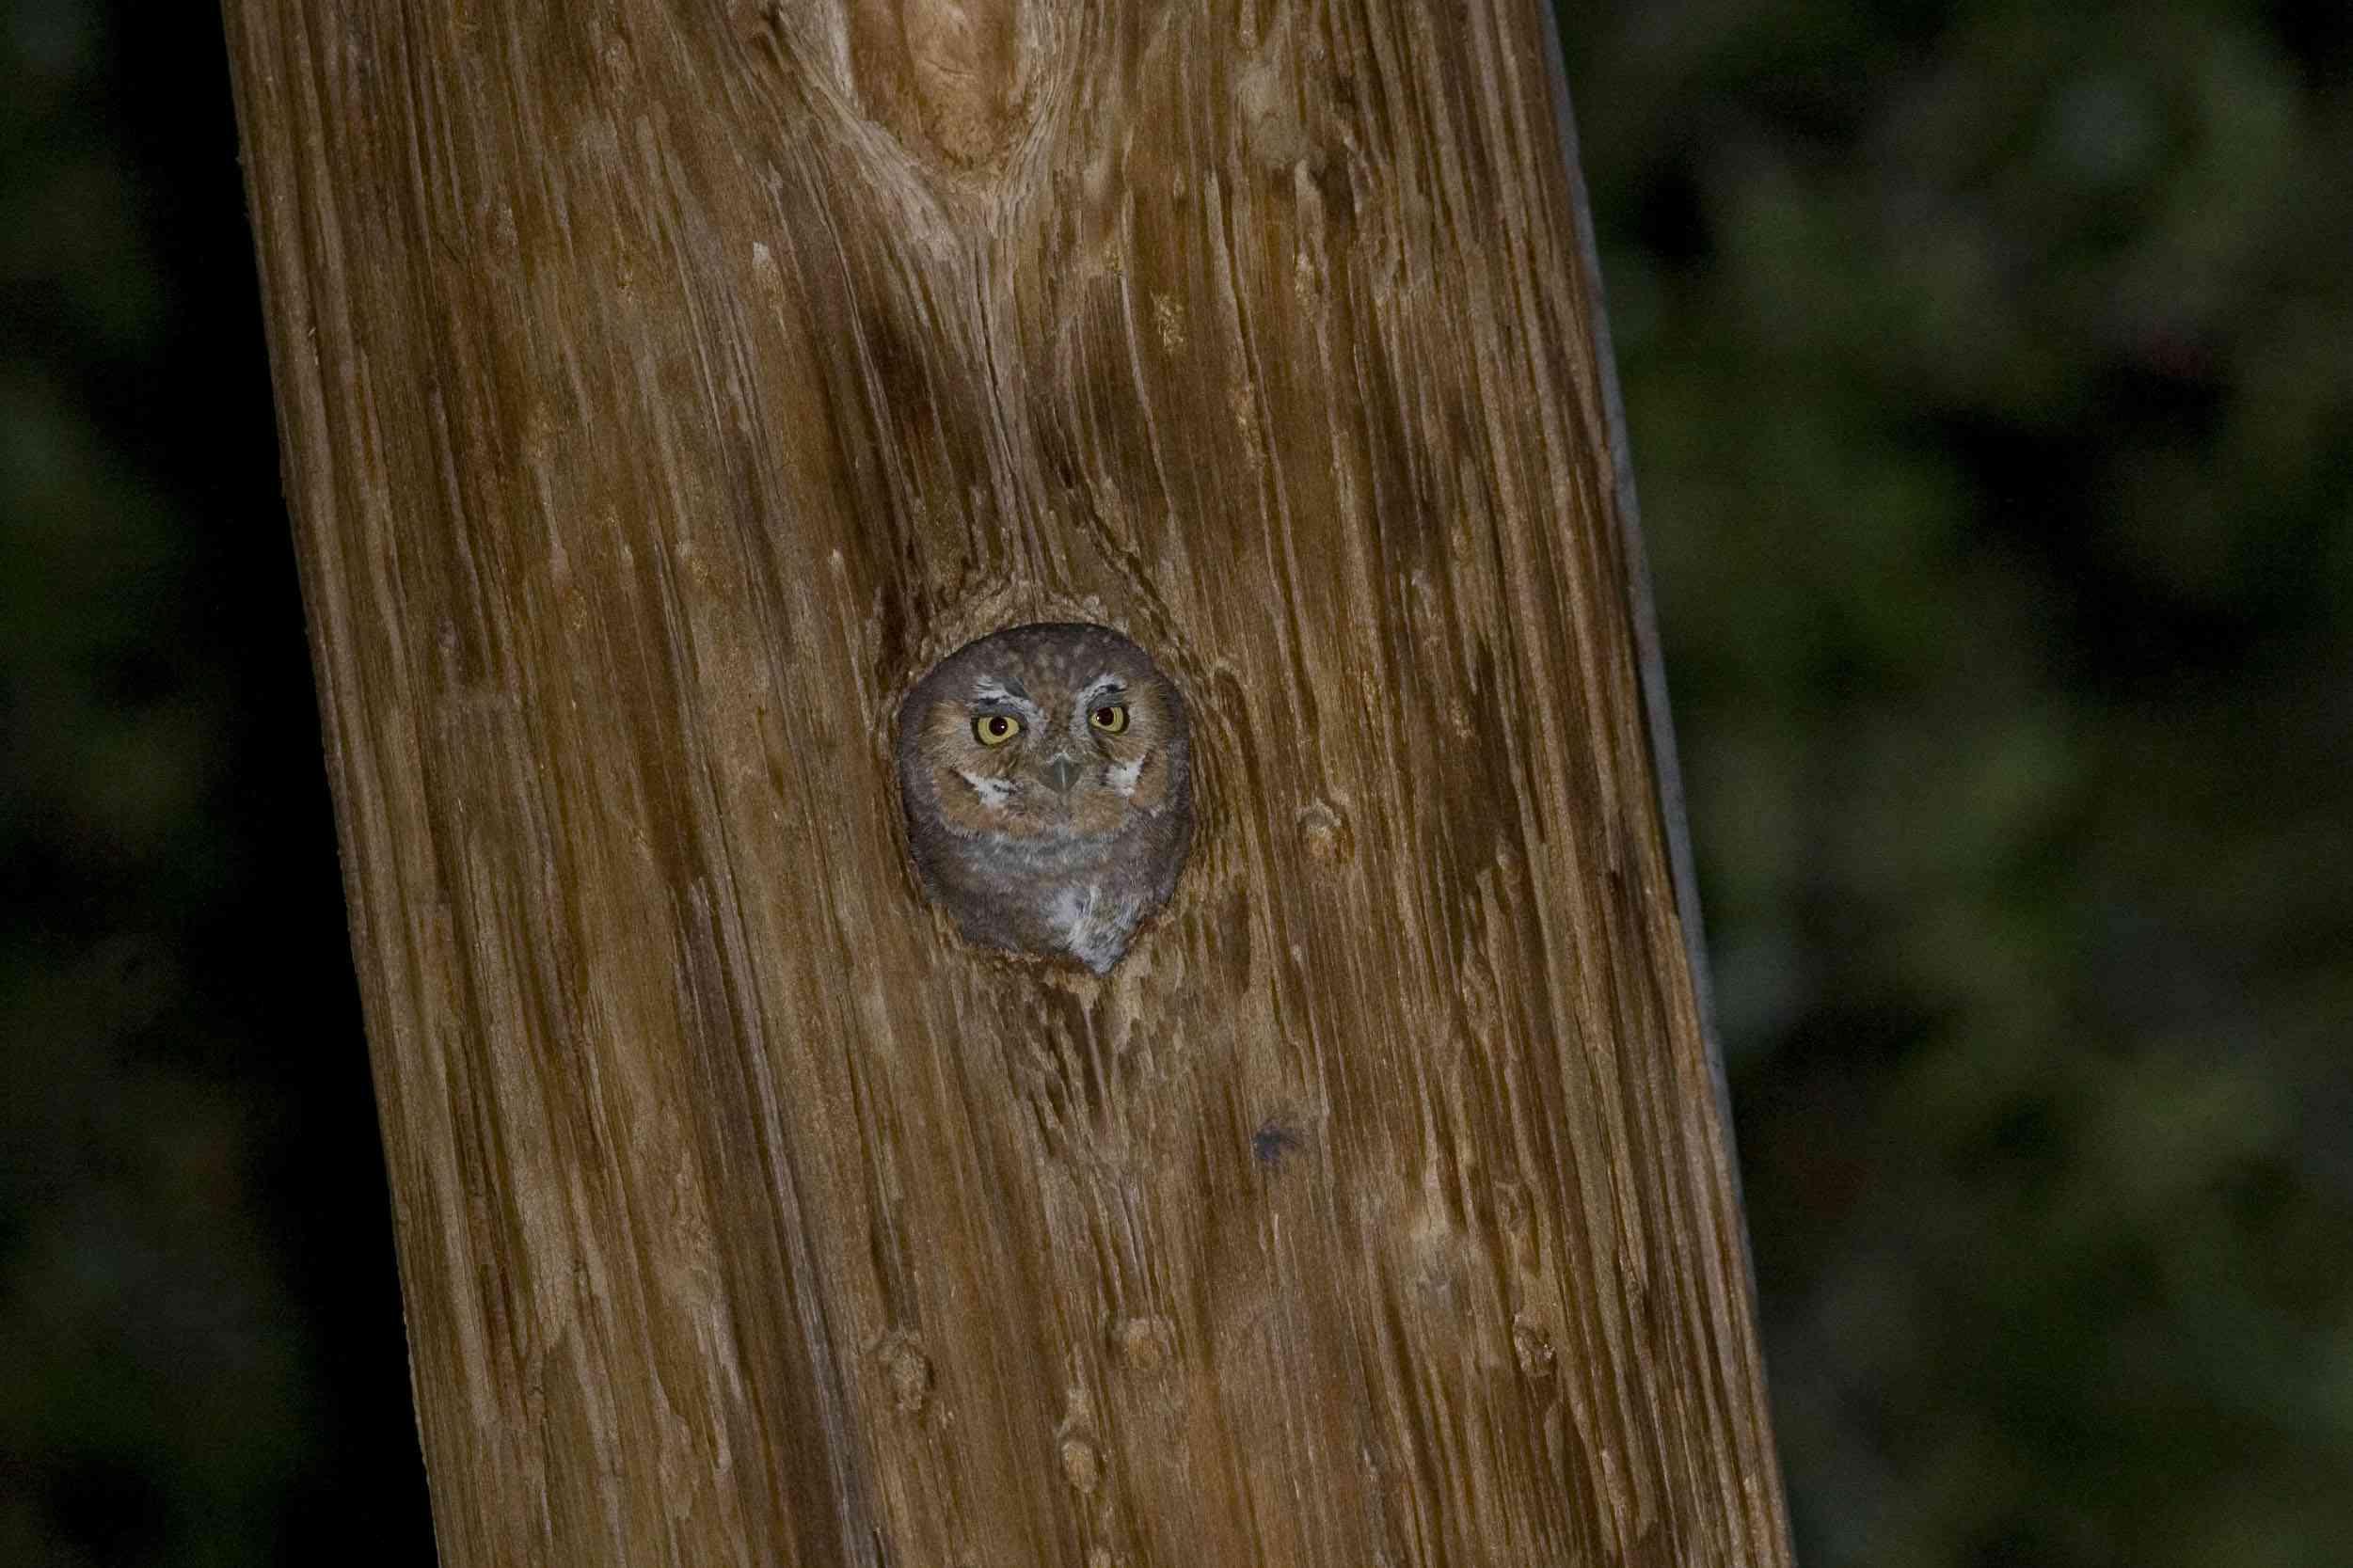 elf owl in a woodpecker hole